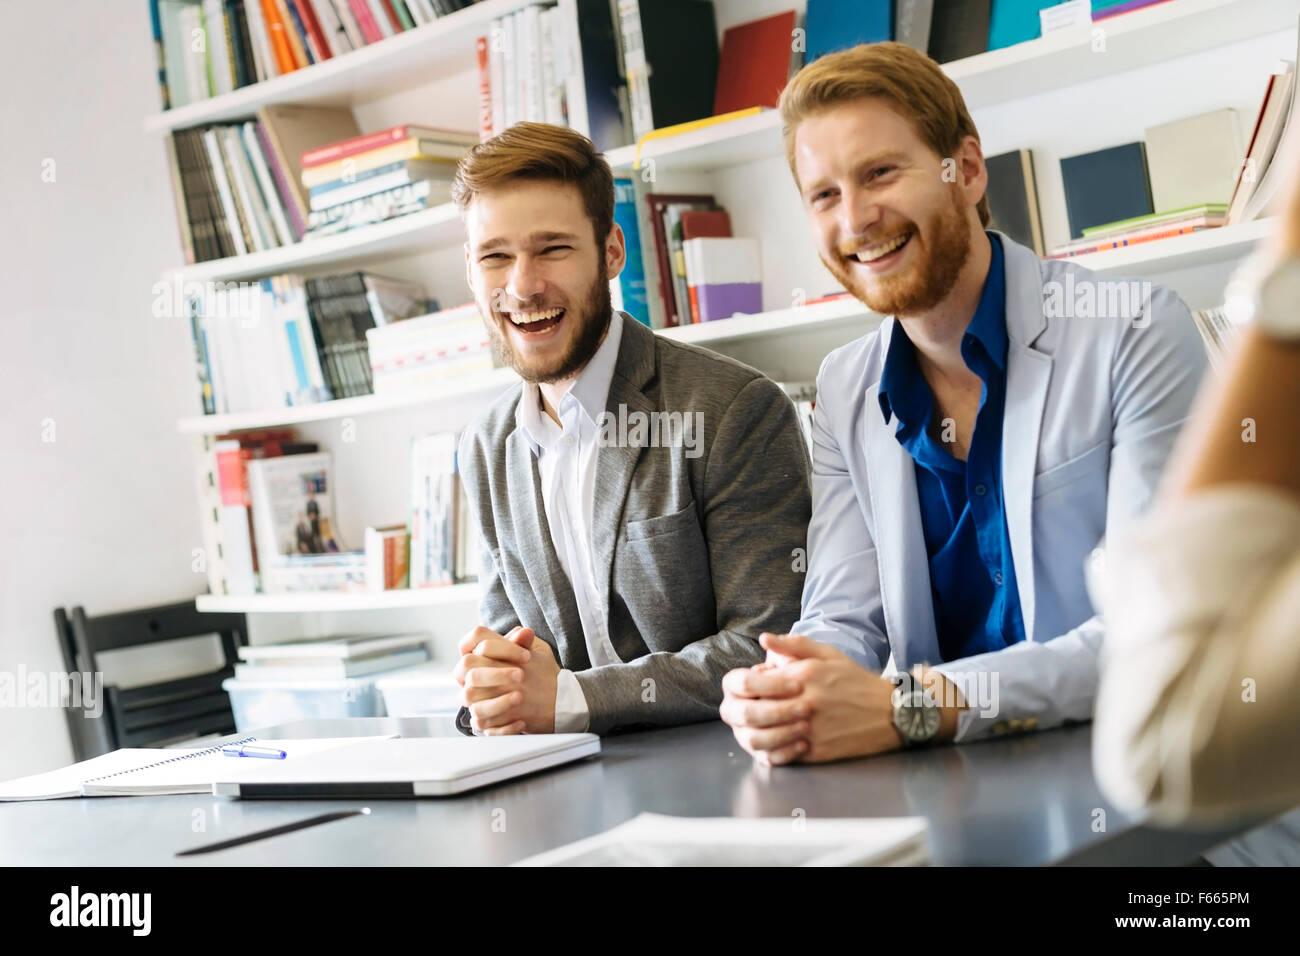 Geschäft zu Lächeln und Lachen mit freundlichen Grüßen Stockbild